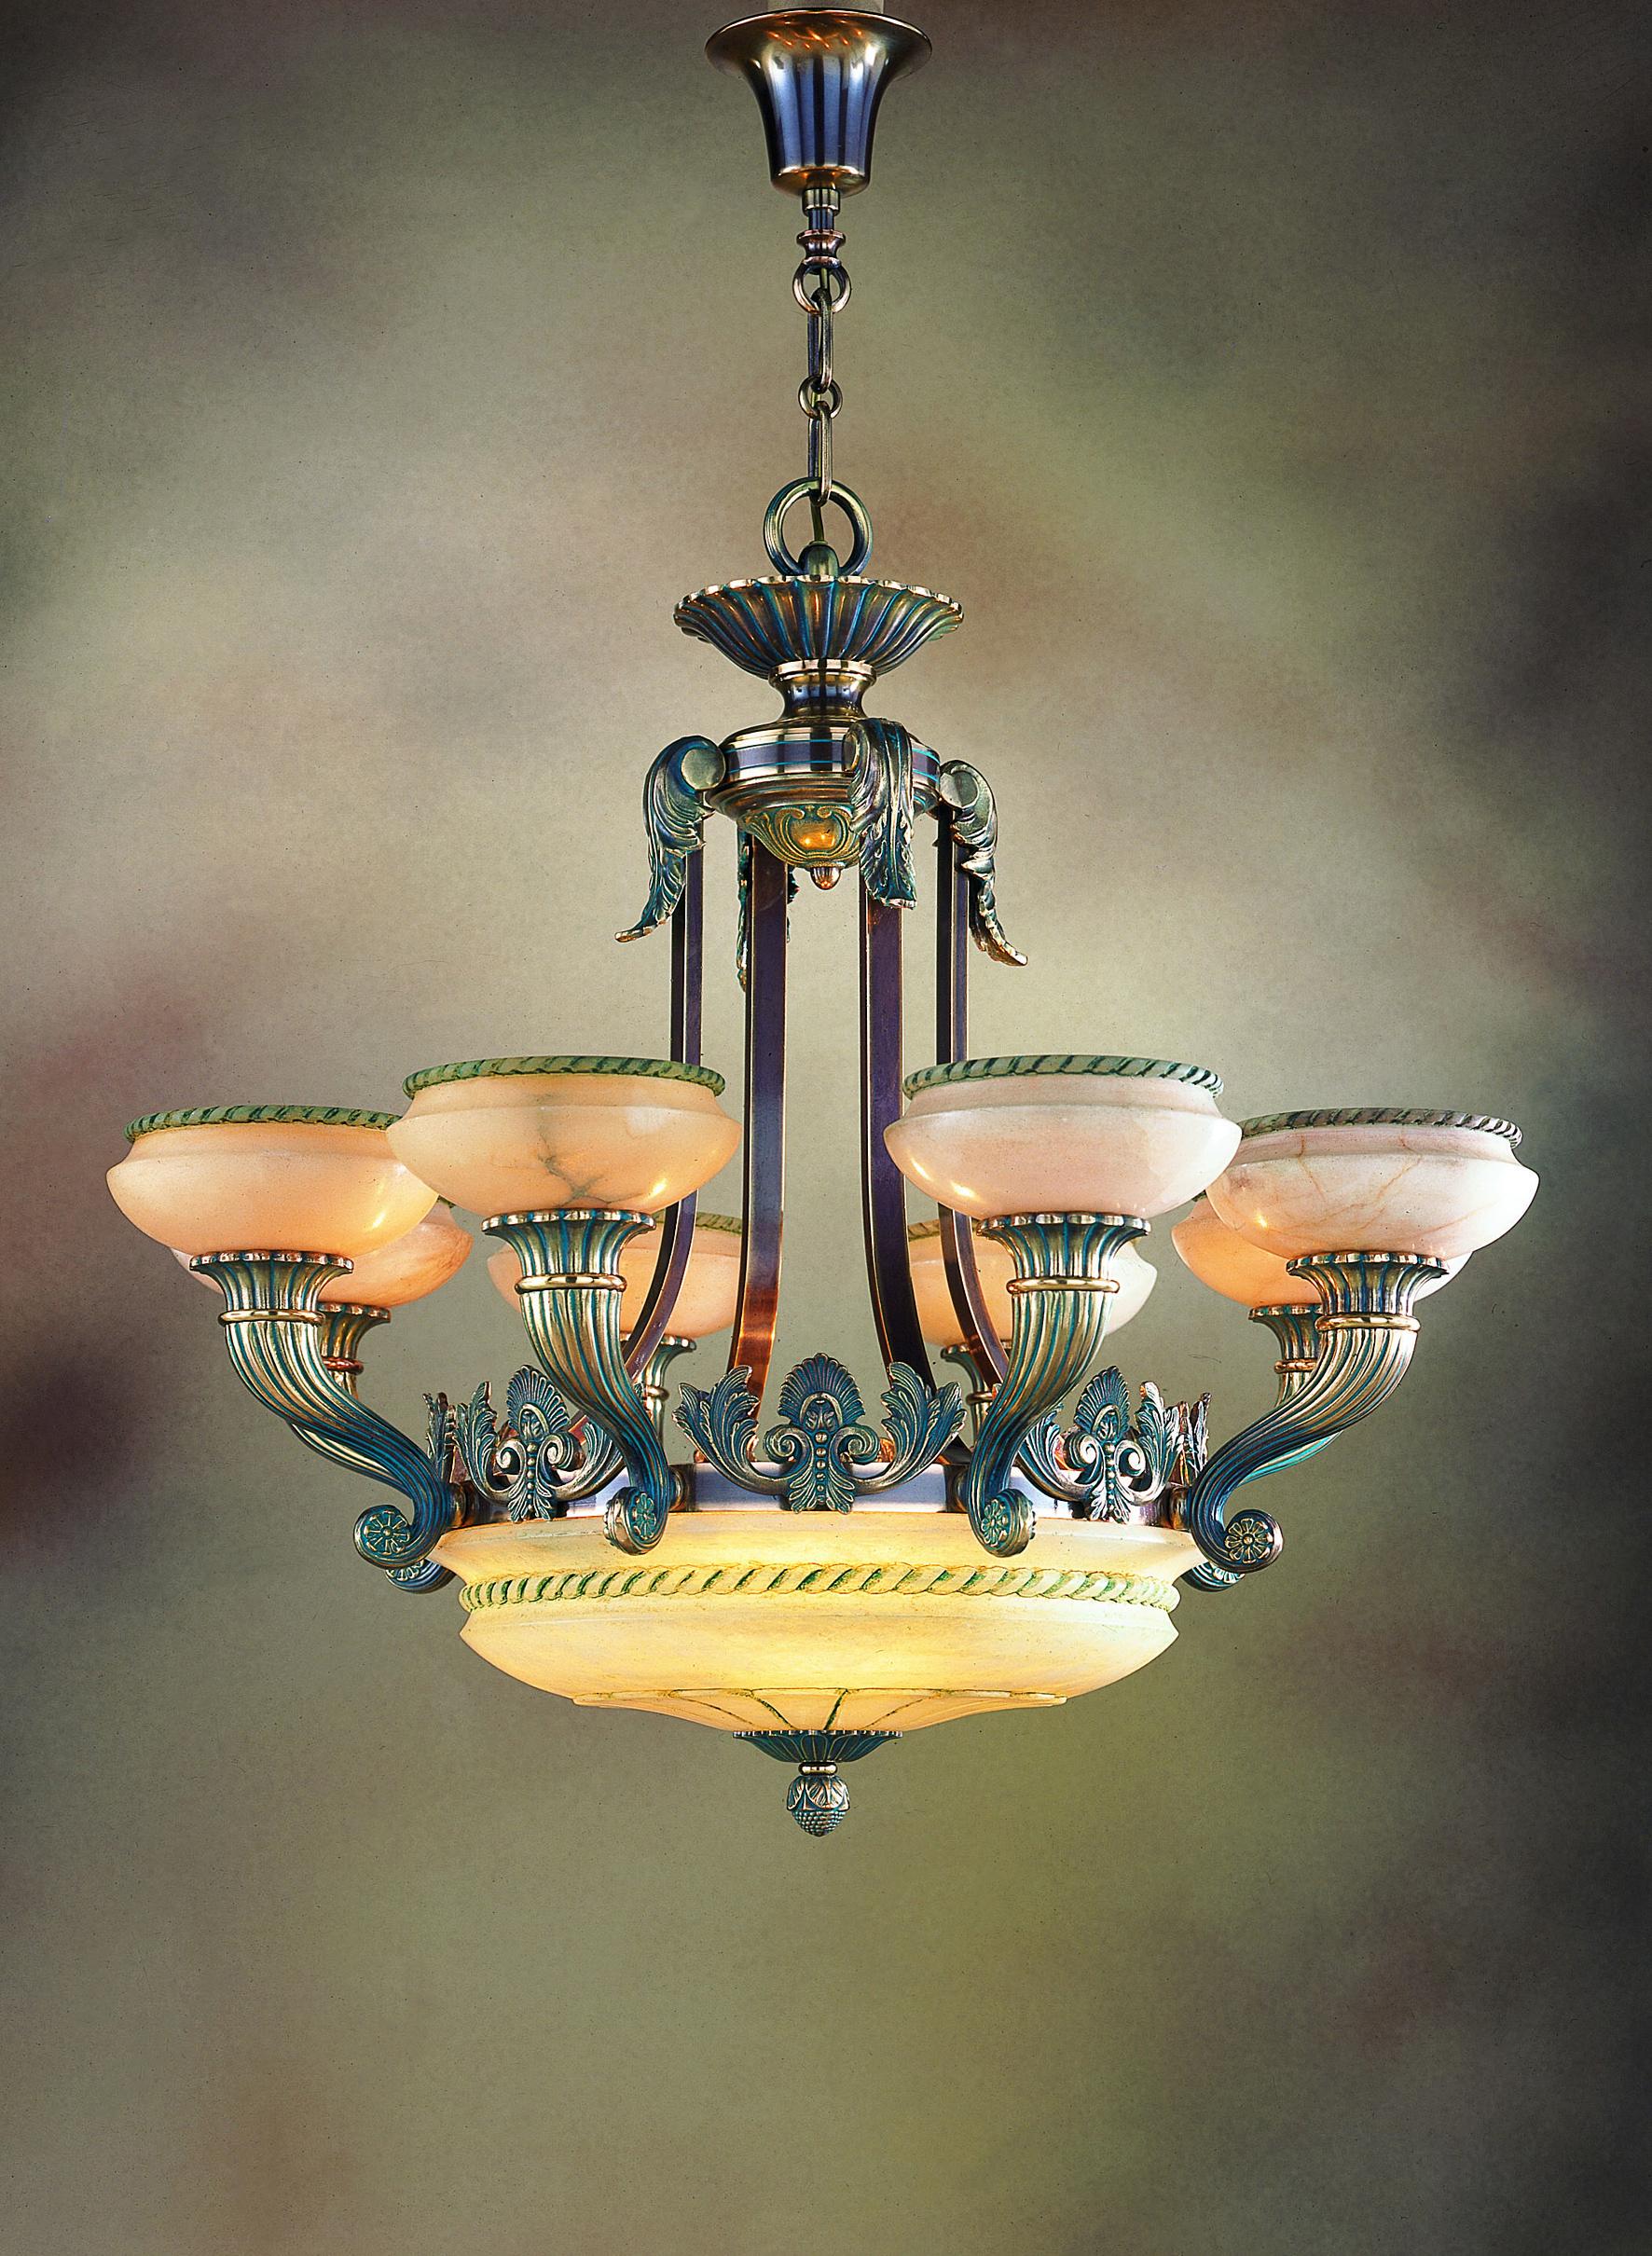 Royal heritage 12 light alabaster chandelier mariner royal heritage 12 light alabaster chandelier arubaitofo Choice Image